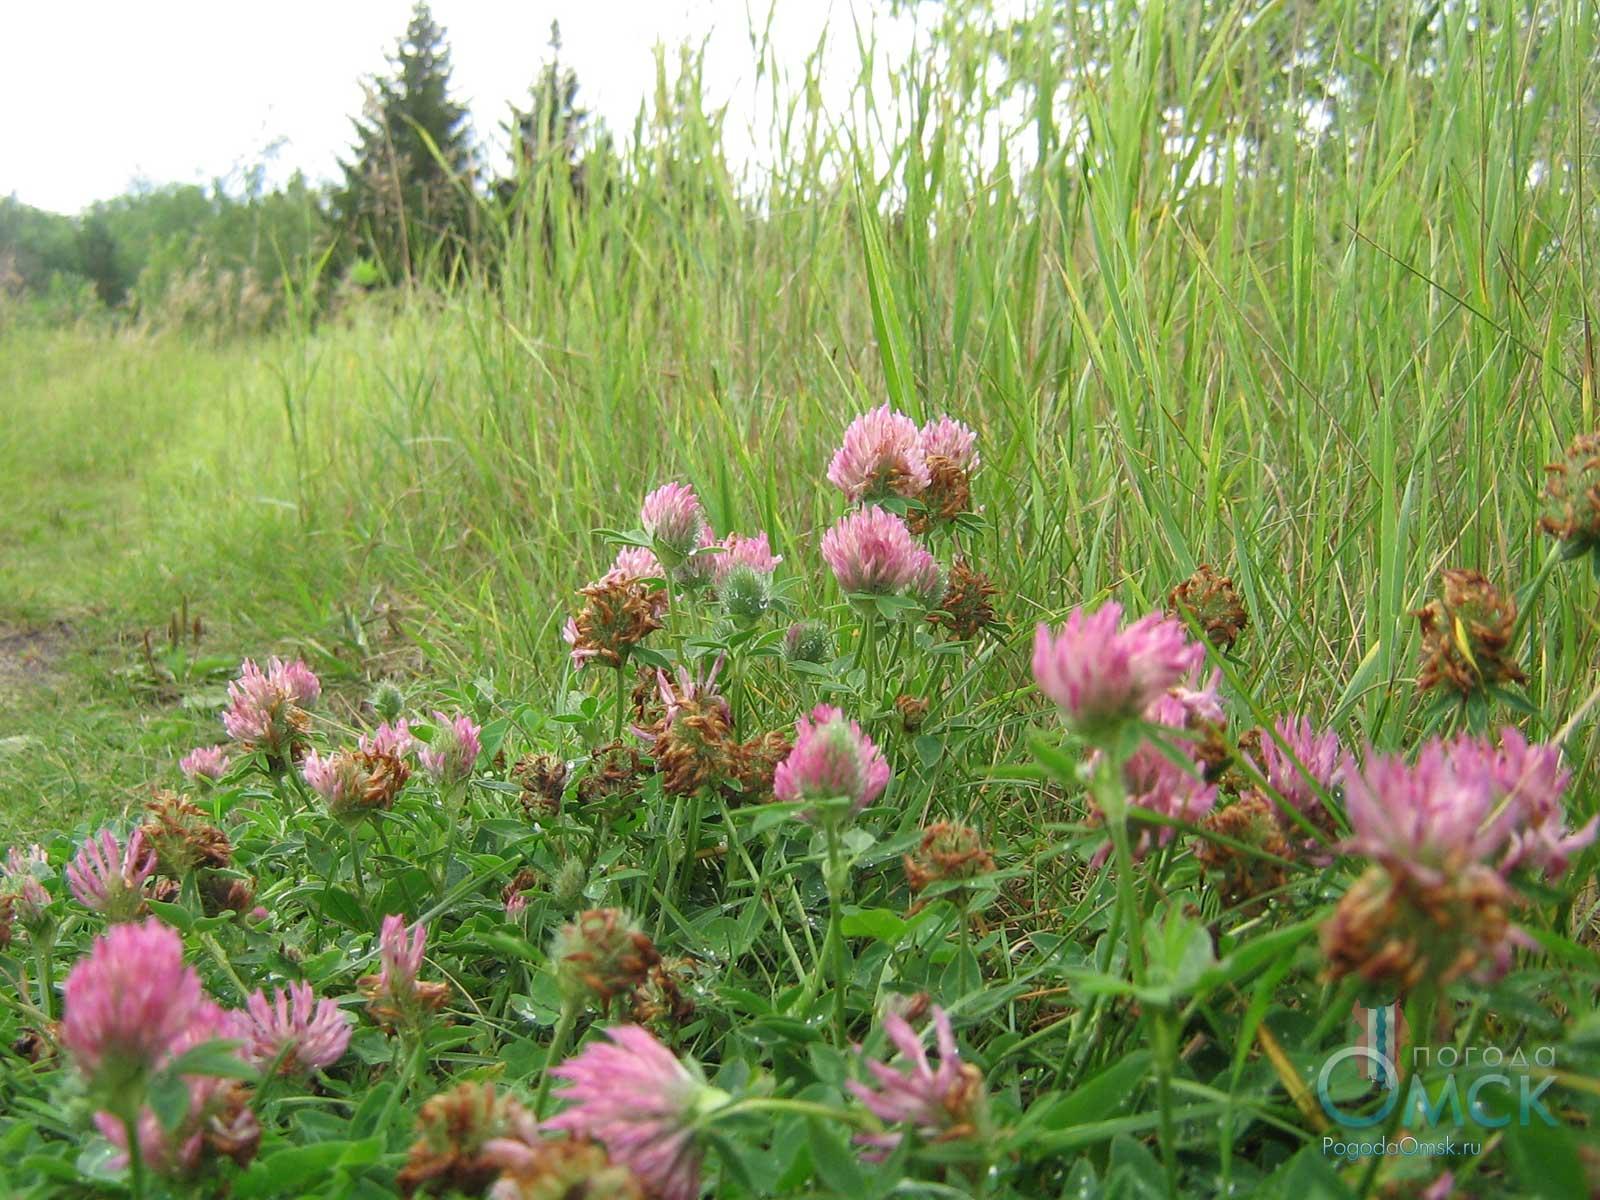 Клевер луговой (лат. Trifolium praténse)